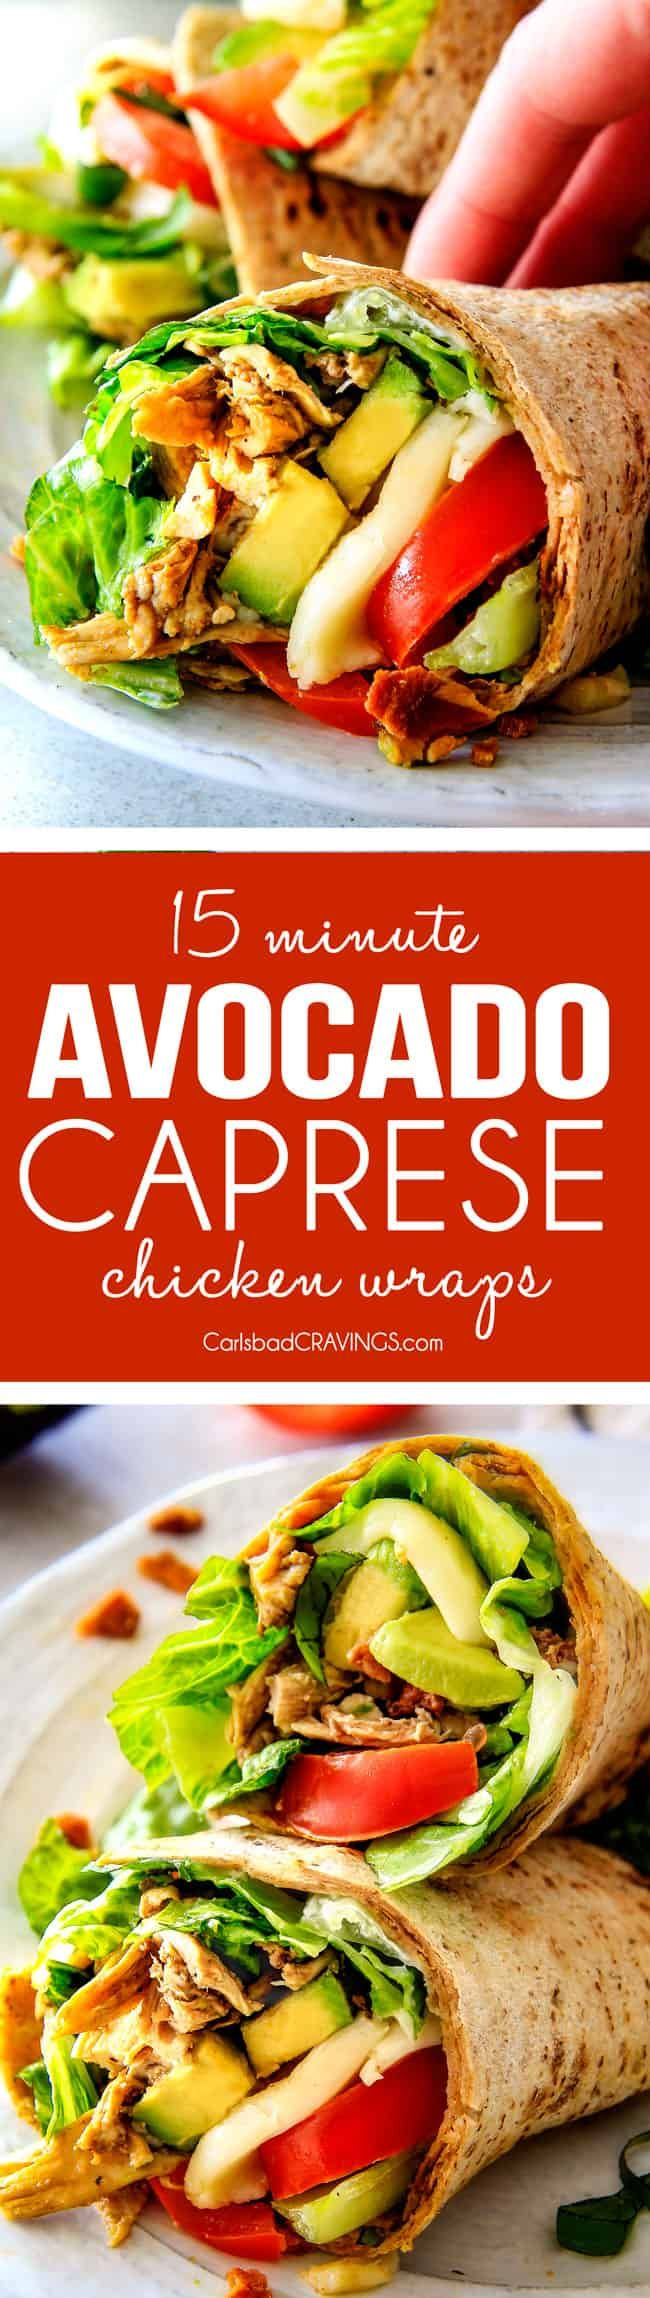 15 Minuten Avocado Caprese Chicken Wraps – Ich bin völlig süchtig nach diesen Wraps …   – Food & drink